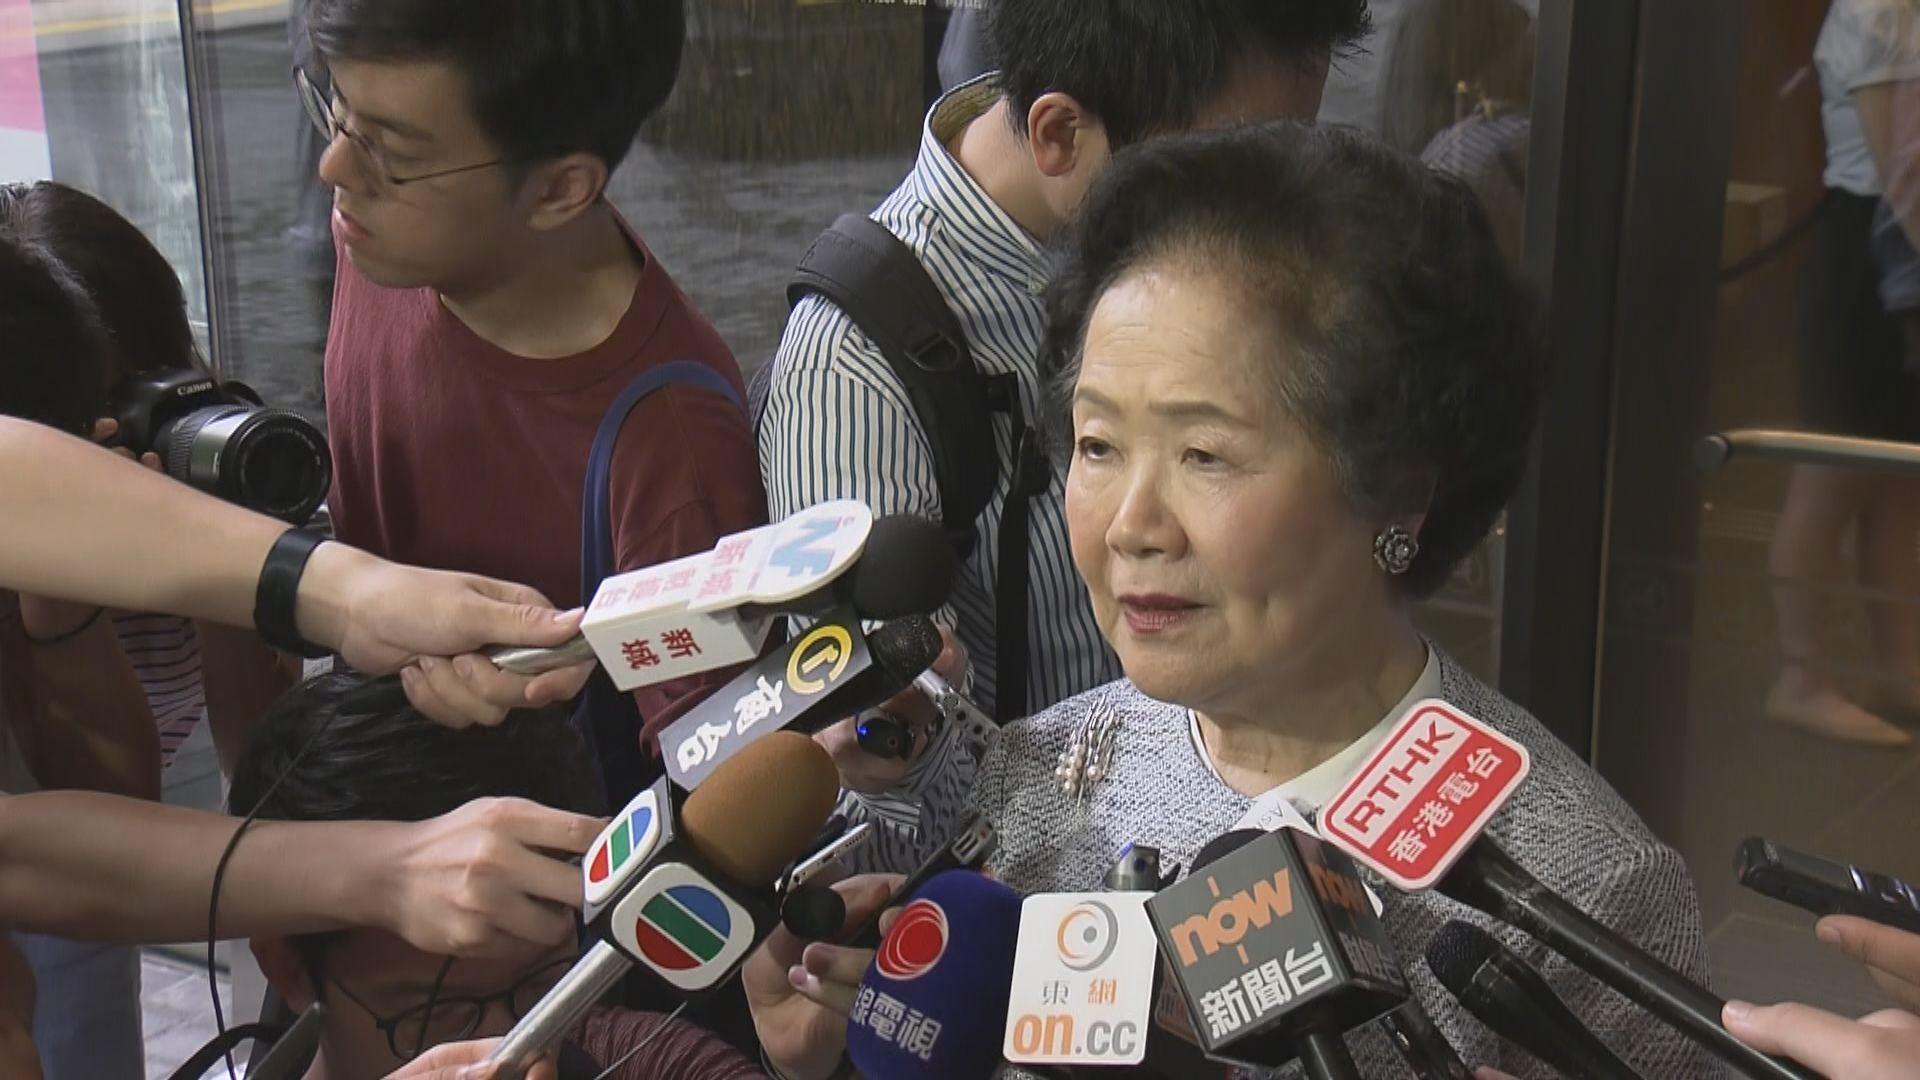 陳方安生:政府沒回應訴求致示威者訴諸暴力